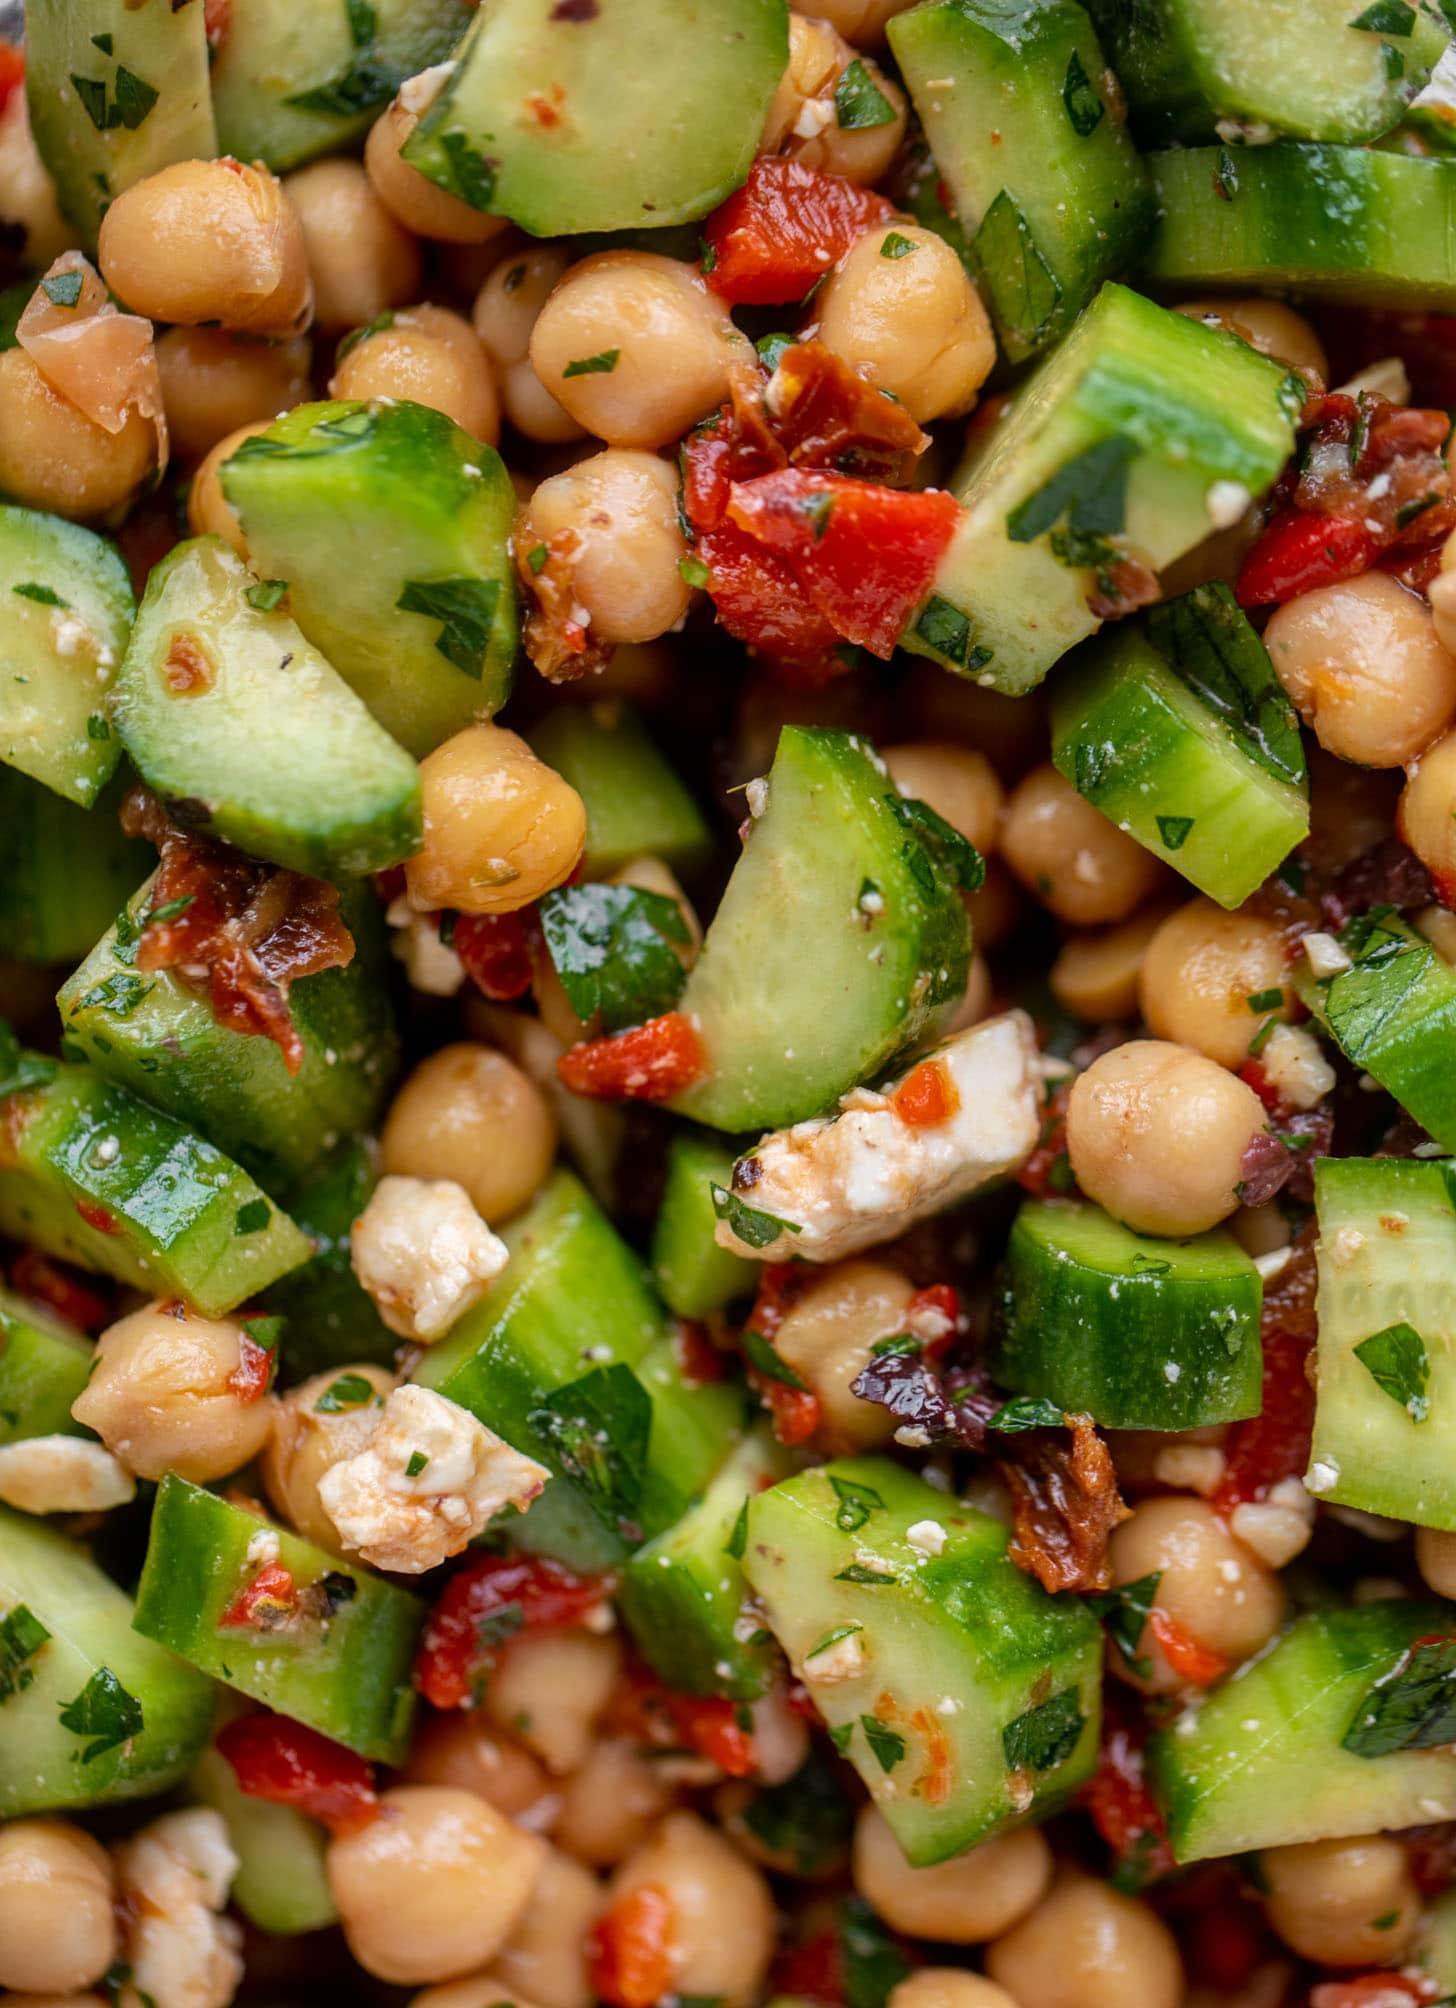 preparar garbanzos mediterráneos marinados con pepinos y hierbas